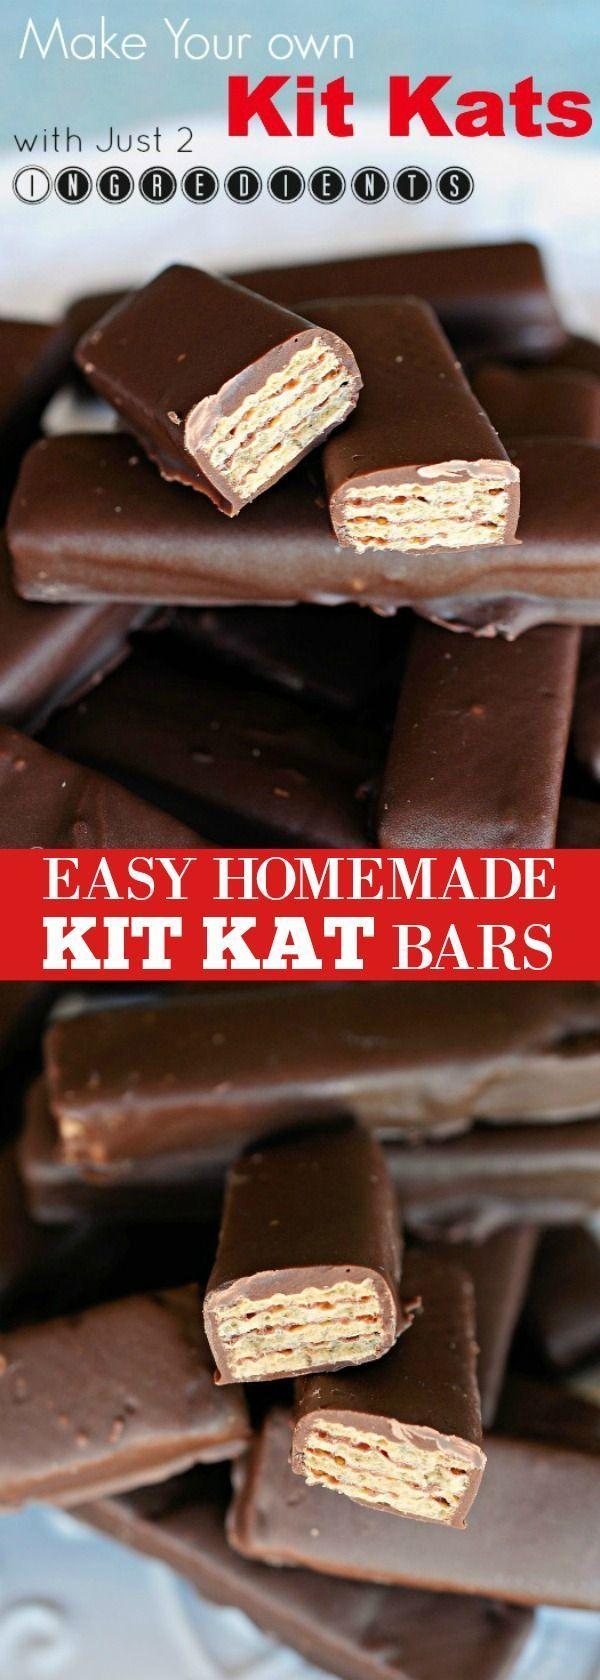 Easy Homemade KIT KAT BARS